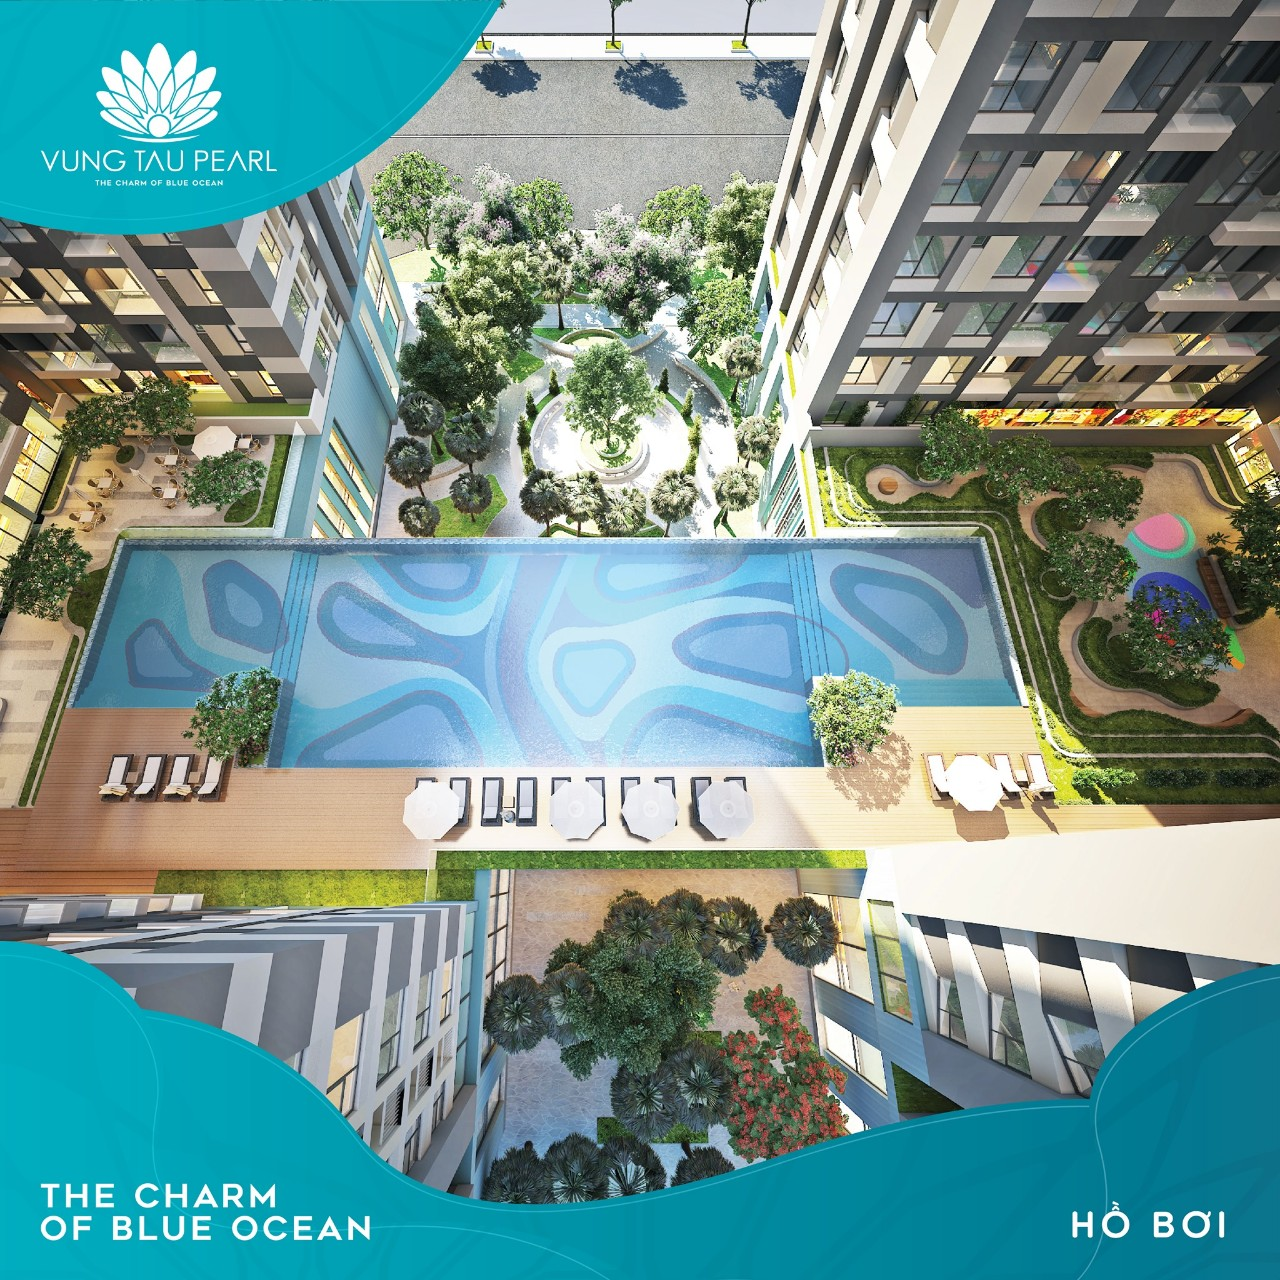 Hồ bơi tầng 3 dự án Vung Tau Pearl